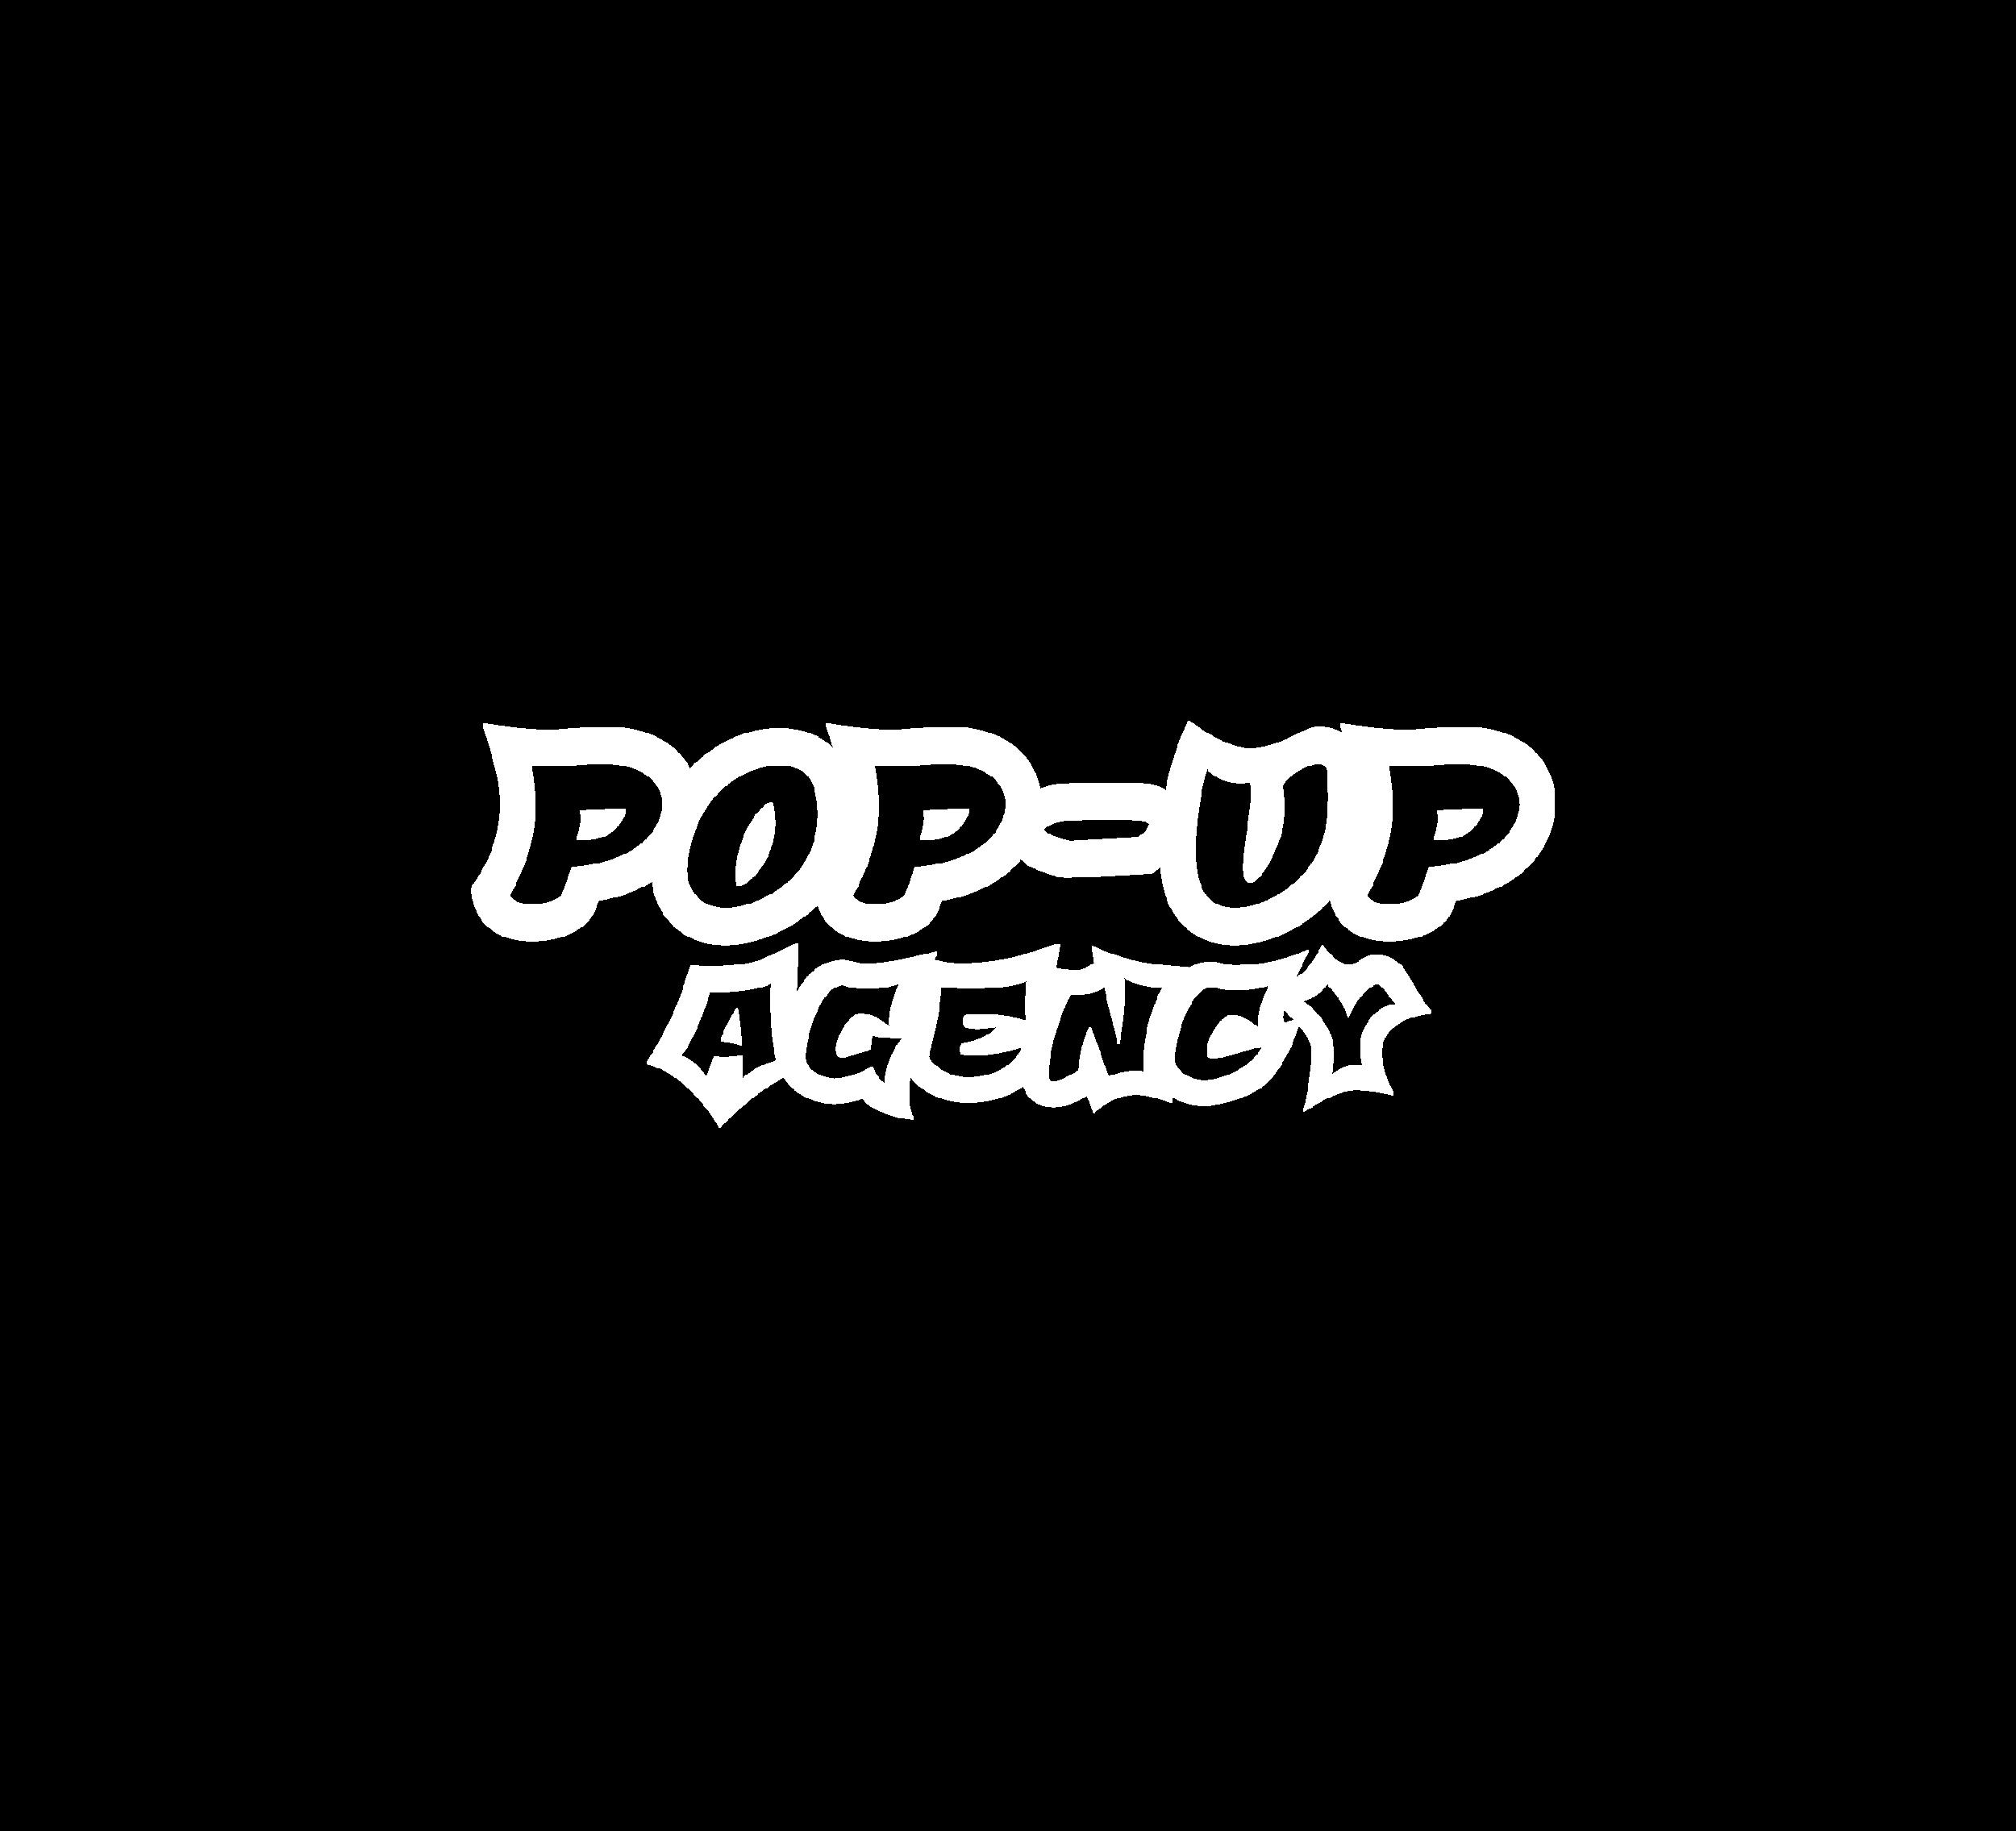 AgencyLogoSmall.png